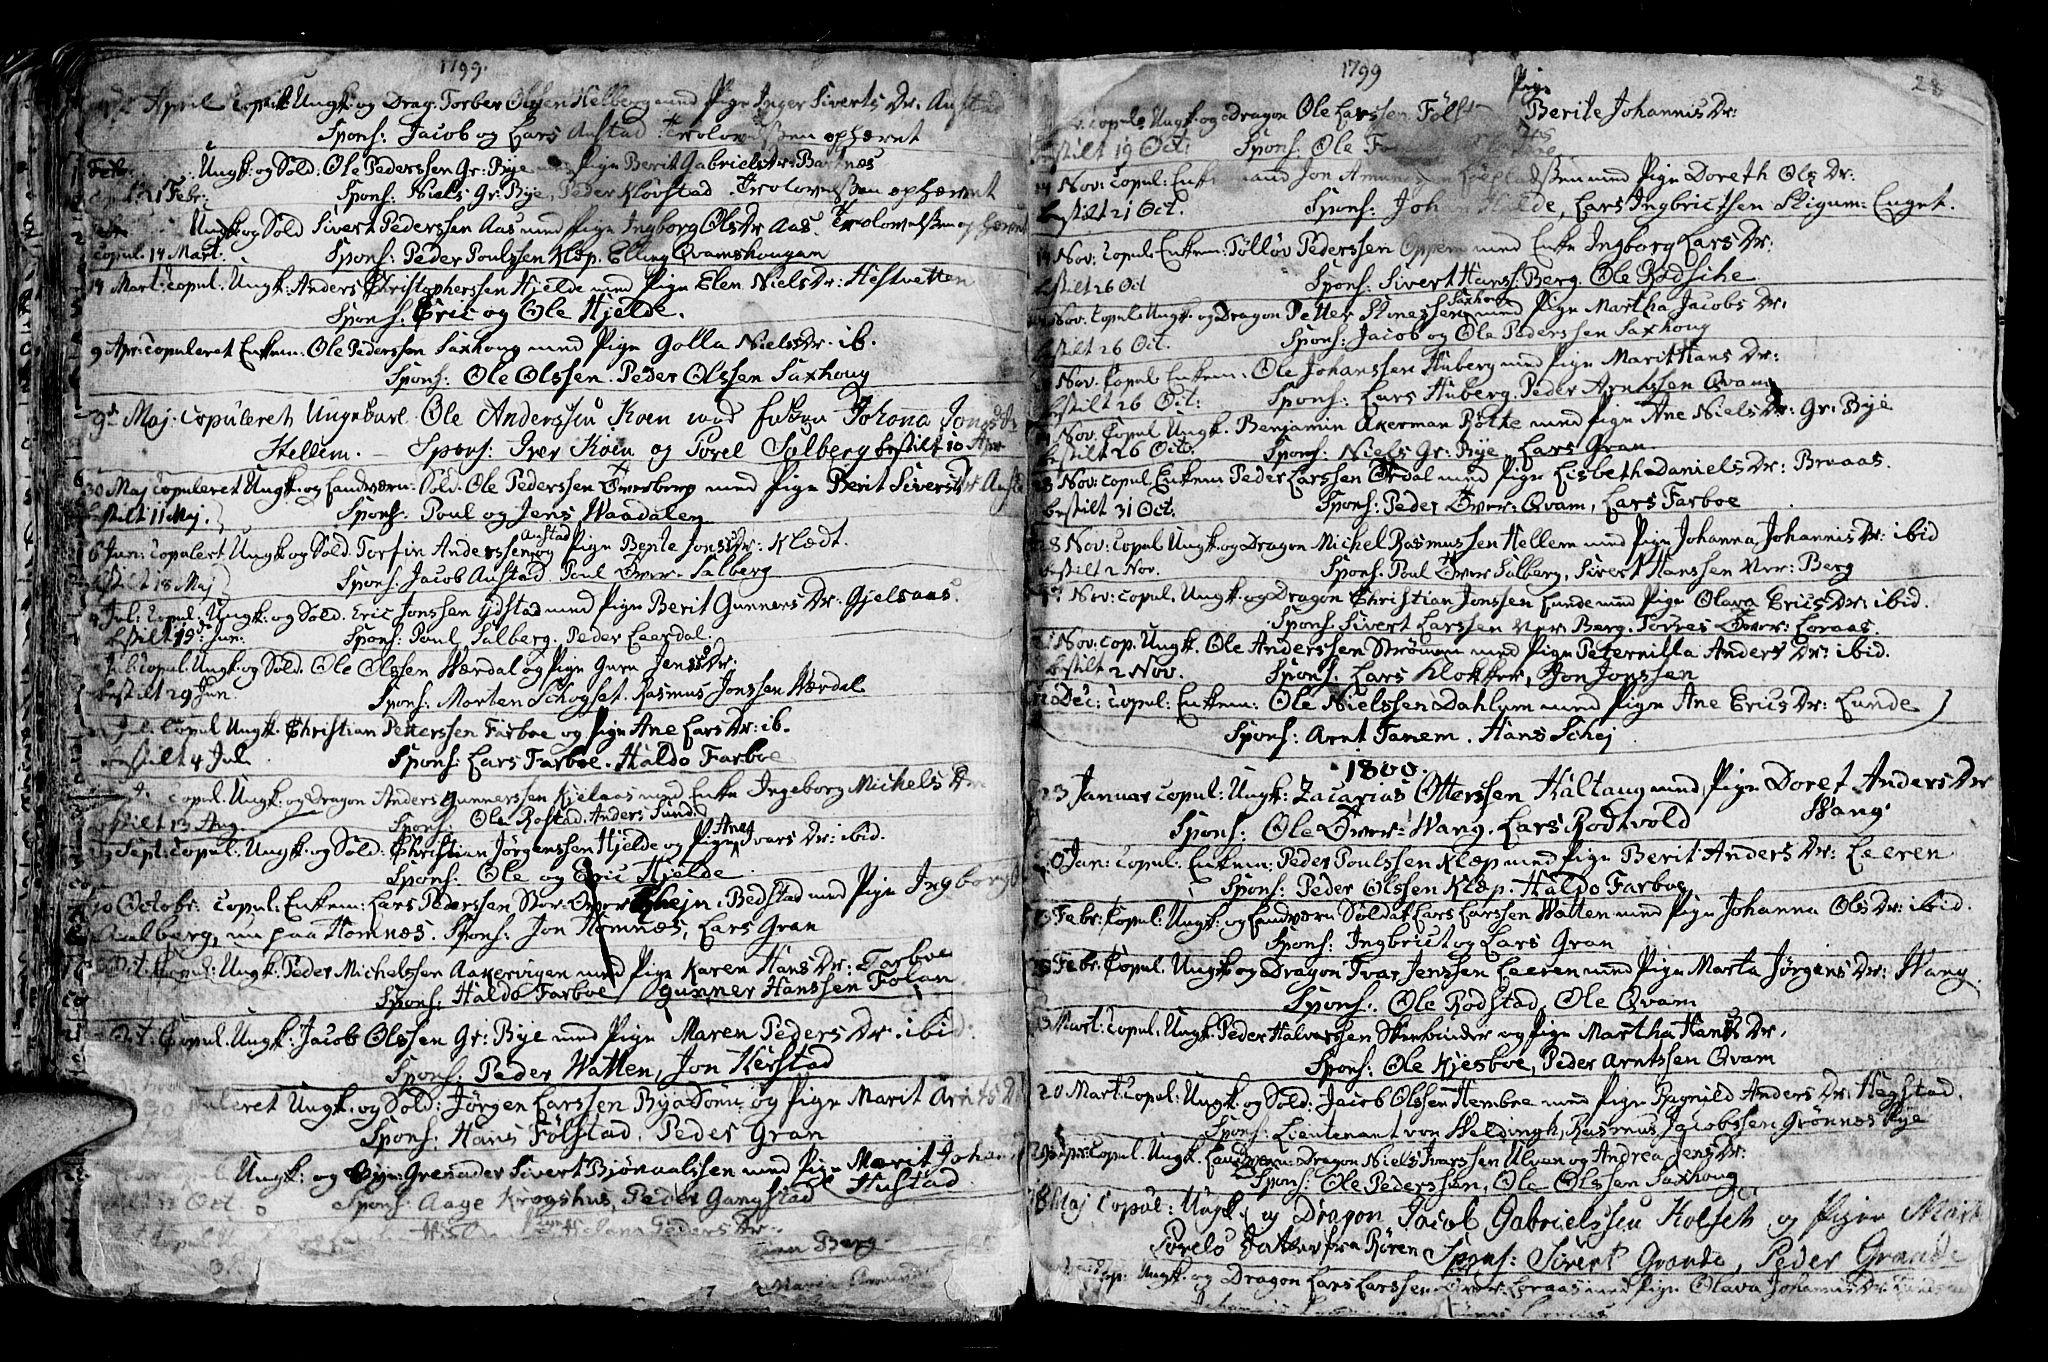 SAT, Ministerialprotokoller, klokkerbøker og fødselsregistre - Nord-Trøndelag, 730/L0273: Ministerialbok nr. 730A02, 1762-1802, s. 28